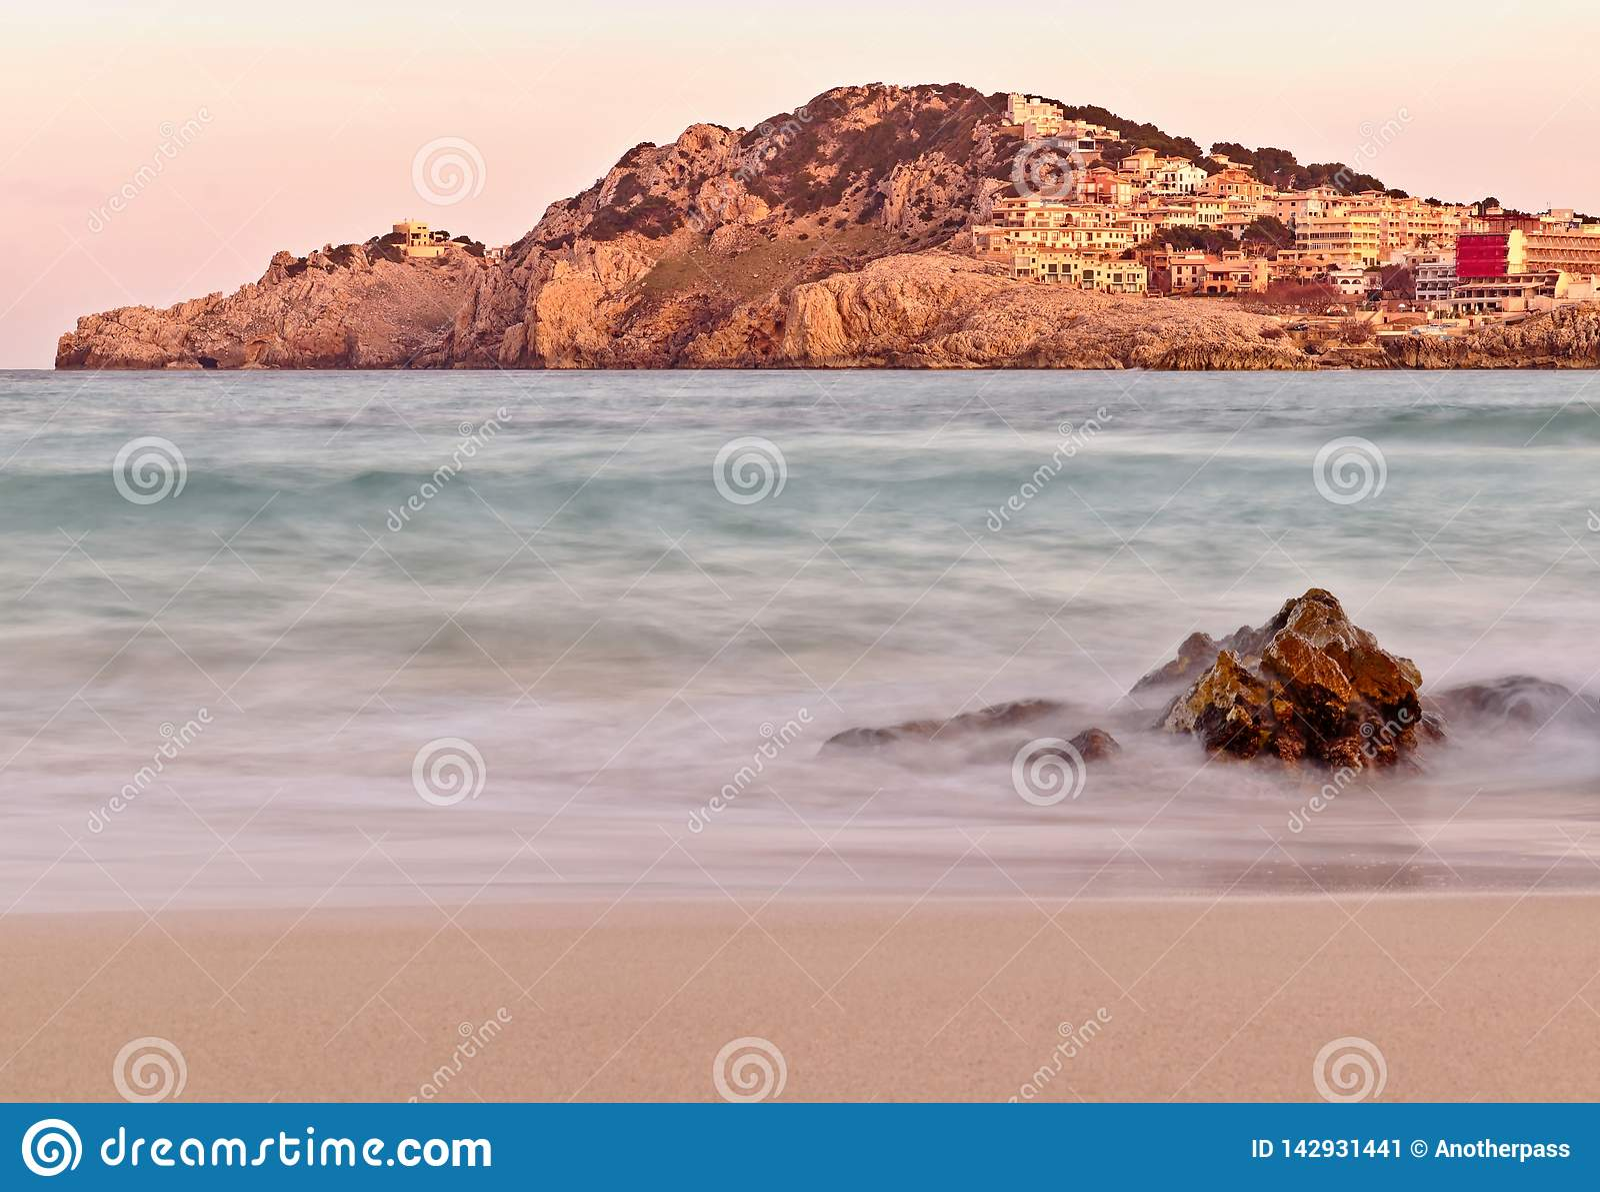 Praia de Cala Agulla no por do sol, com monte e cidade mais o primeiro plano rochoso, mallorca, spain